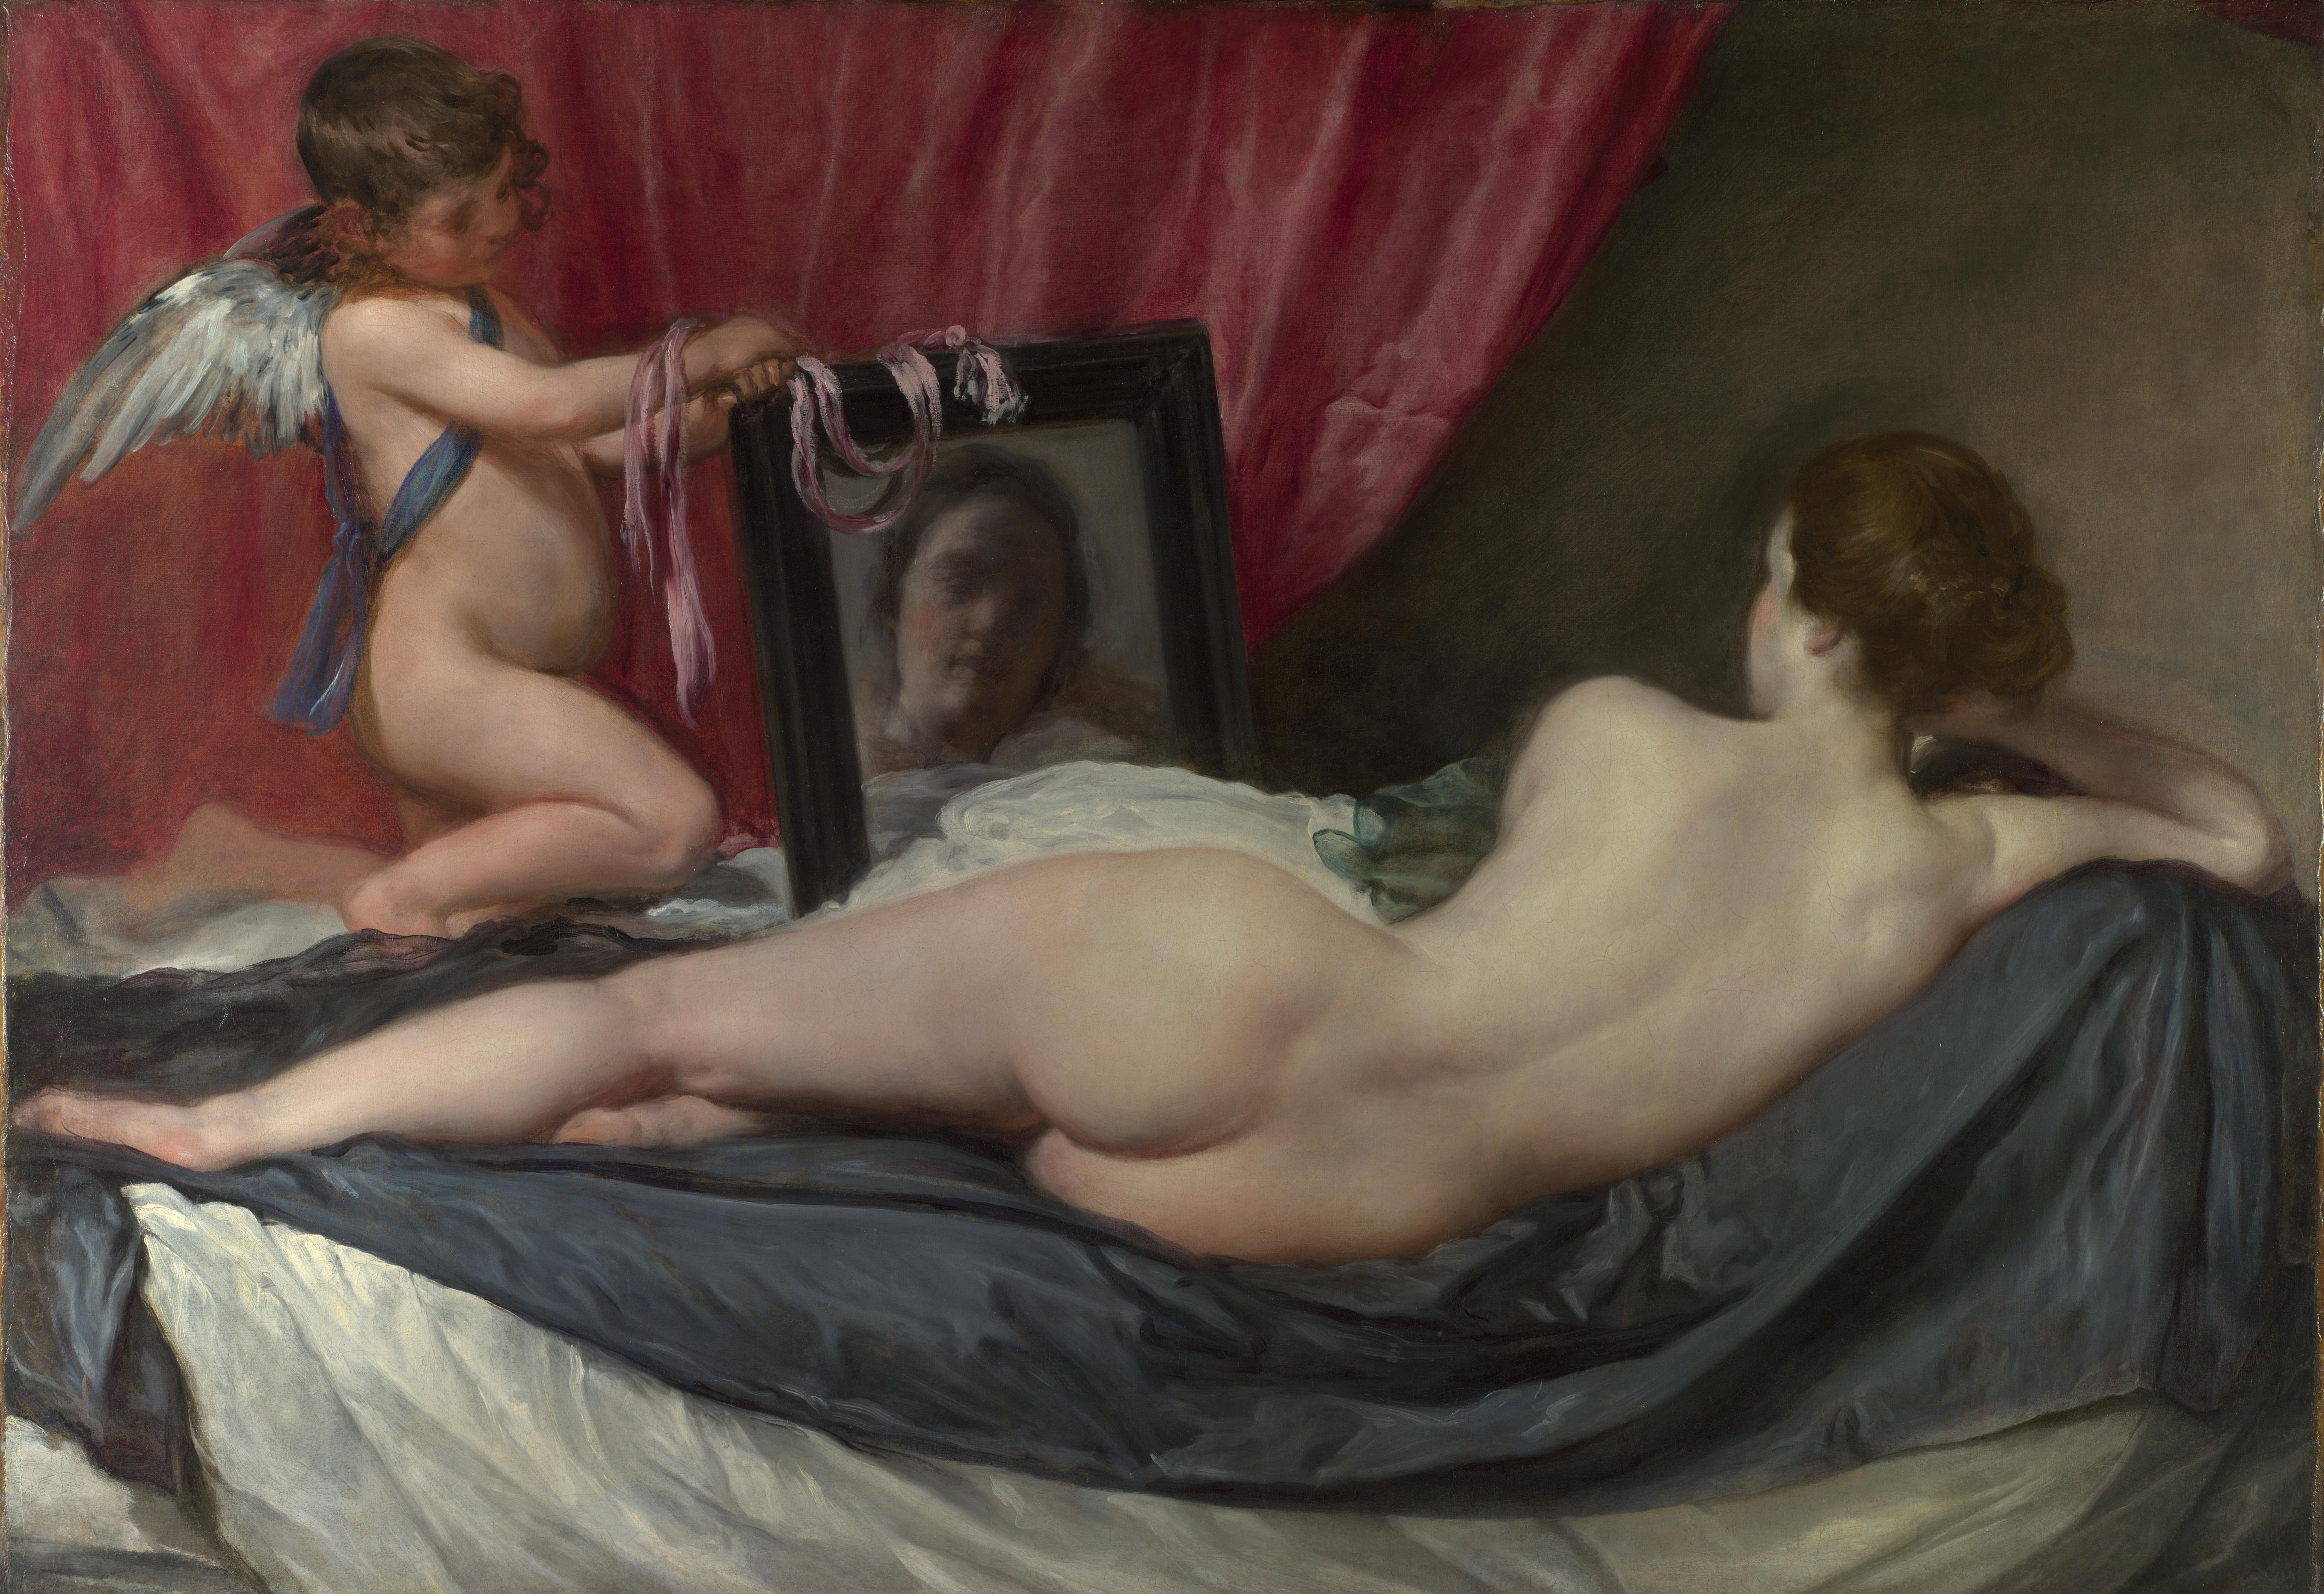 镜前的维纳斯 The Rokeby Venus(视频)委拉斯开兹,Velazquez, Diego (Rodriguez de Silva) - 水木白艺术坊 - 贵阳画室 高考美术培训